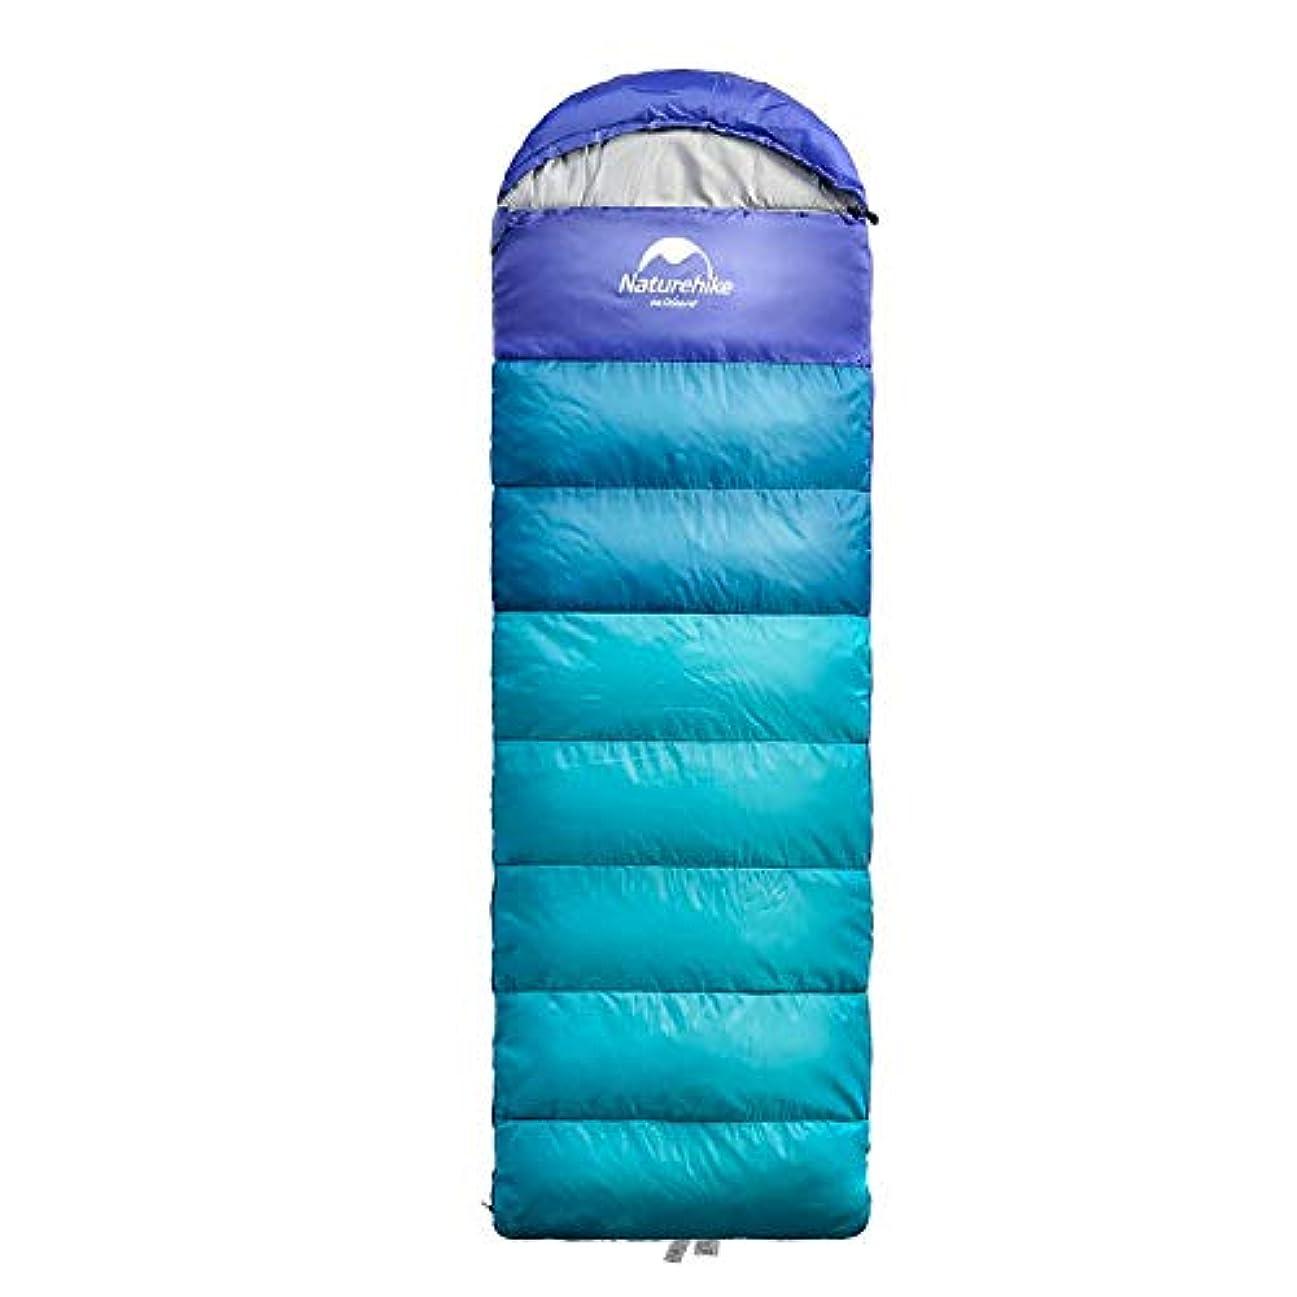 充実努力偏心Naturehike 封筒型寝袋 NH17S U250 5~10℃ シュラフ (190+30)x75cm 軽量 1500g ブルー 左開き